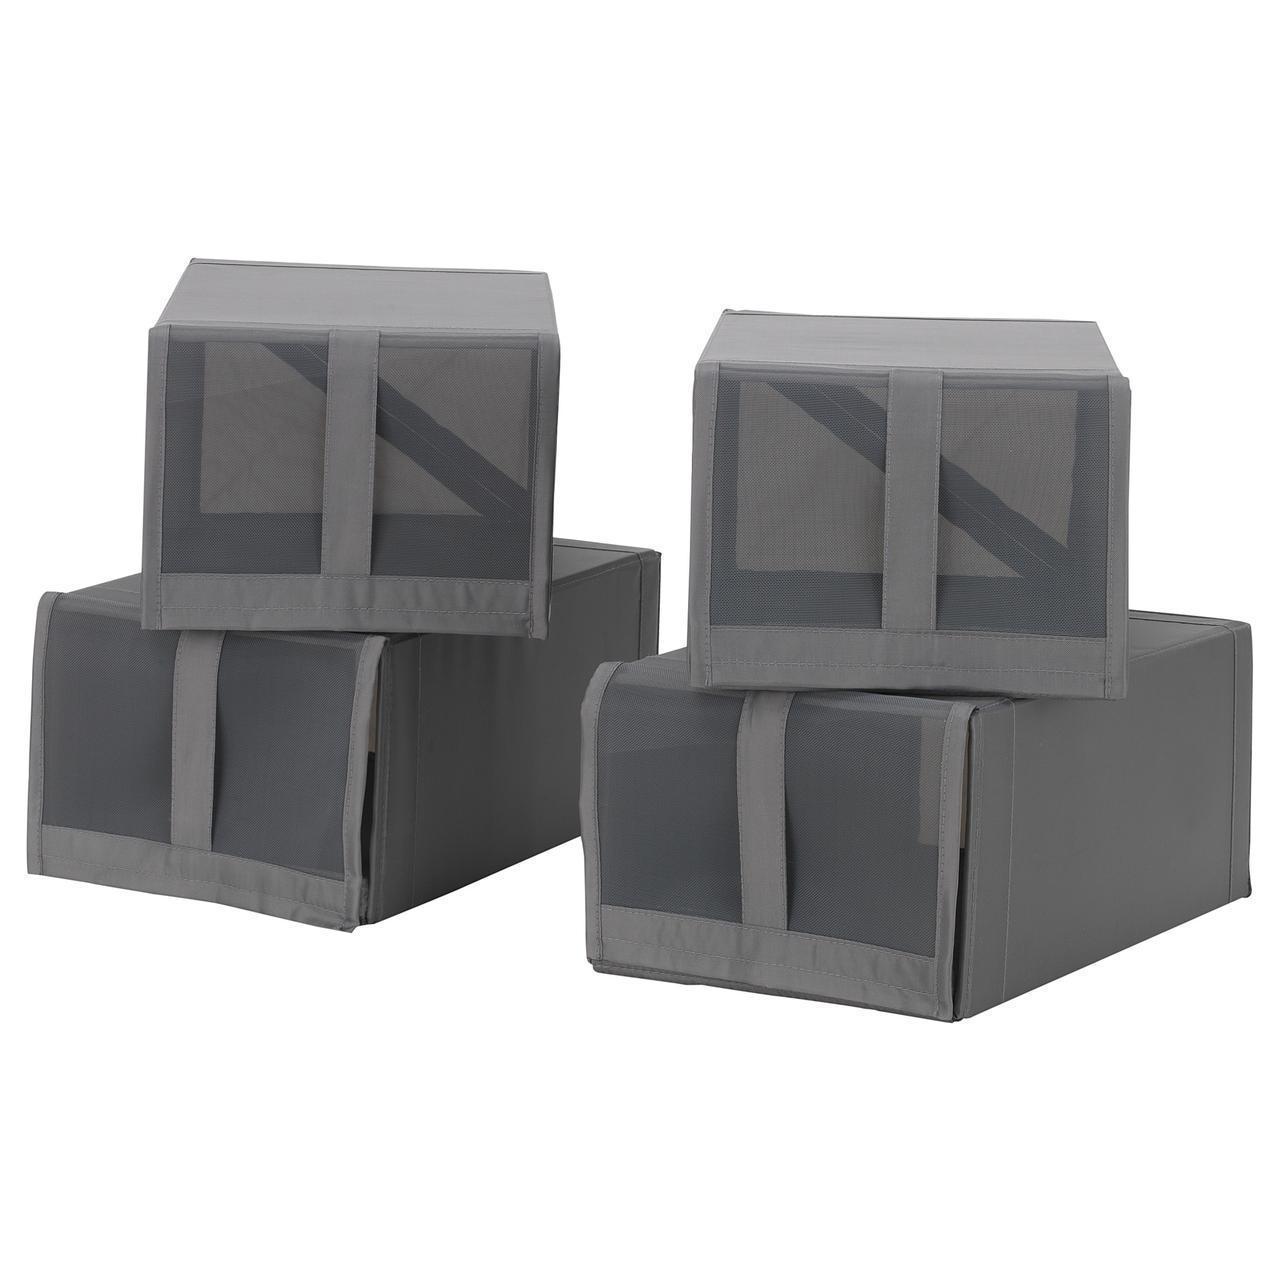 Набор коробок IKEA SKUBB 22x34x16 см 4 шт темно-серые 804.000.04